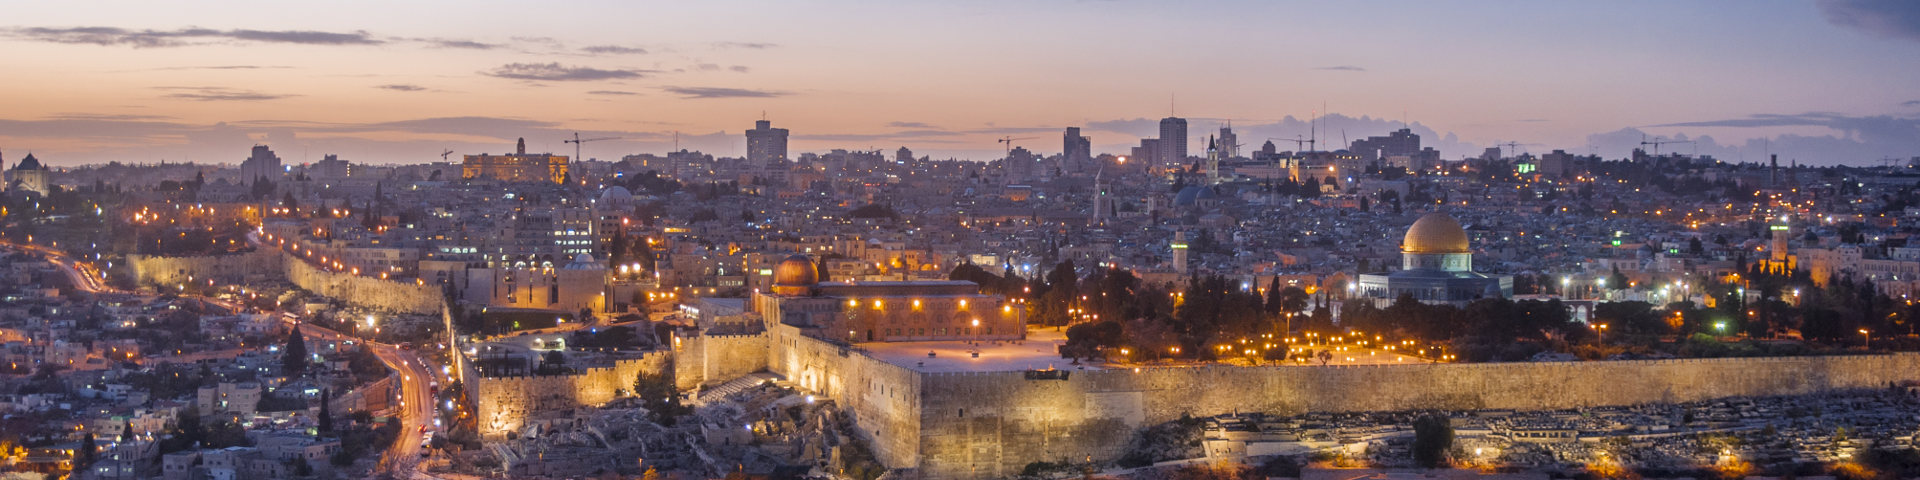 Jerusalem hero 3